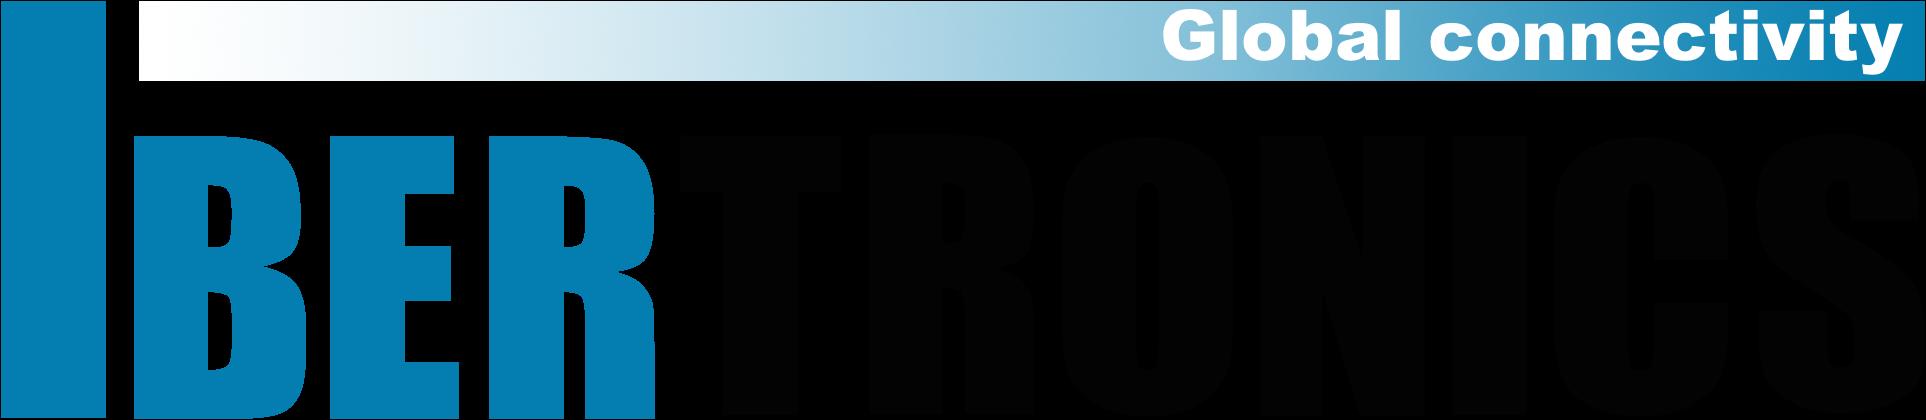 www.ibertronics.com